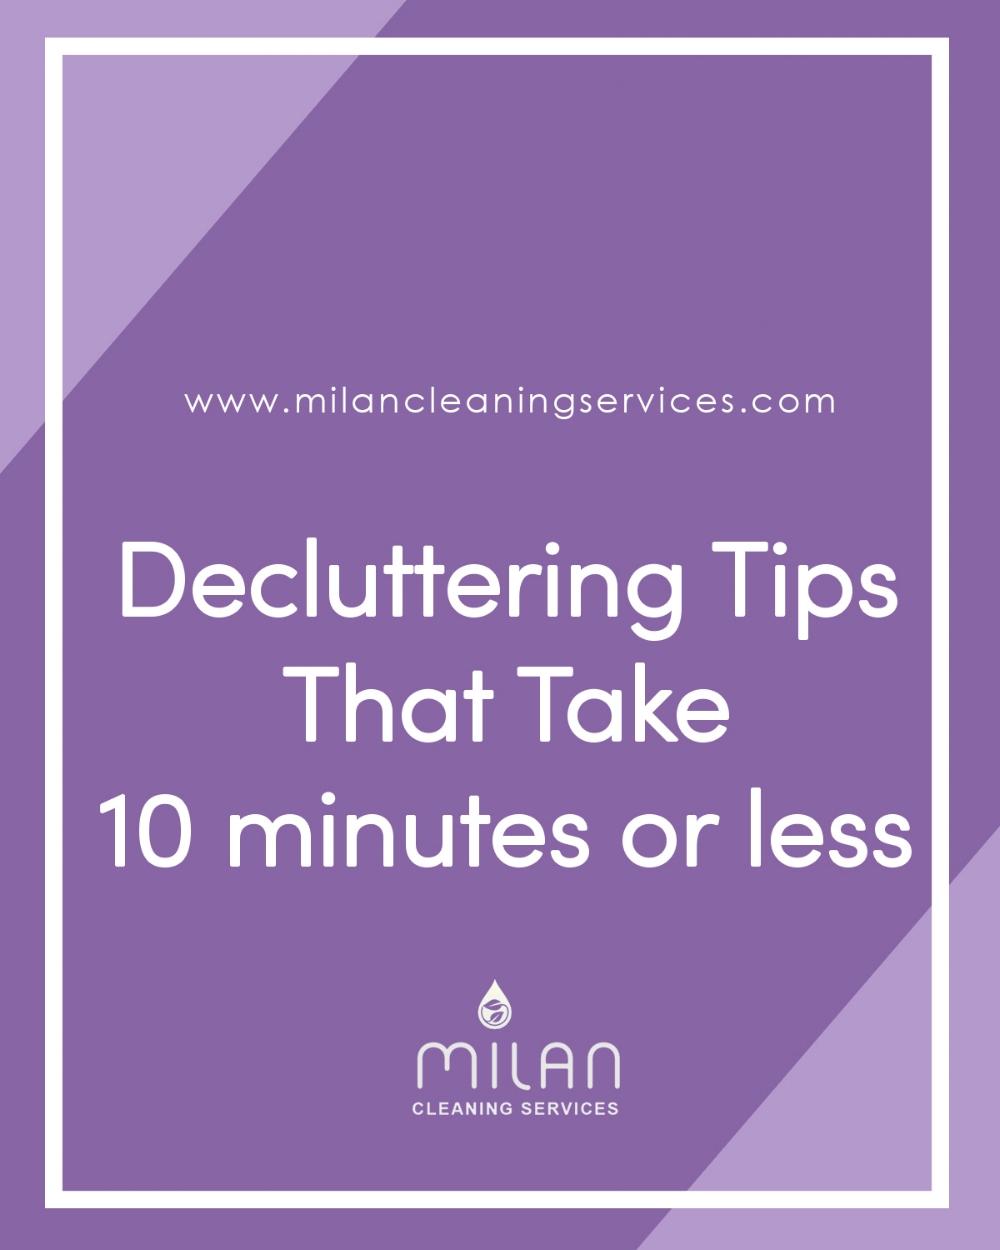 decluttering-tips.jpg